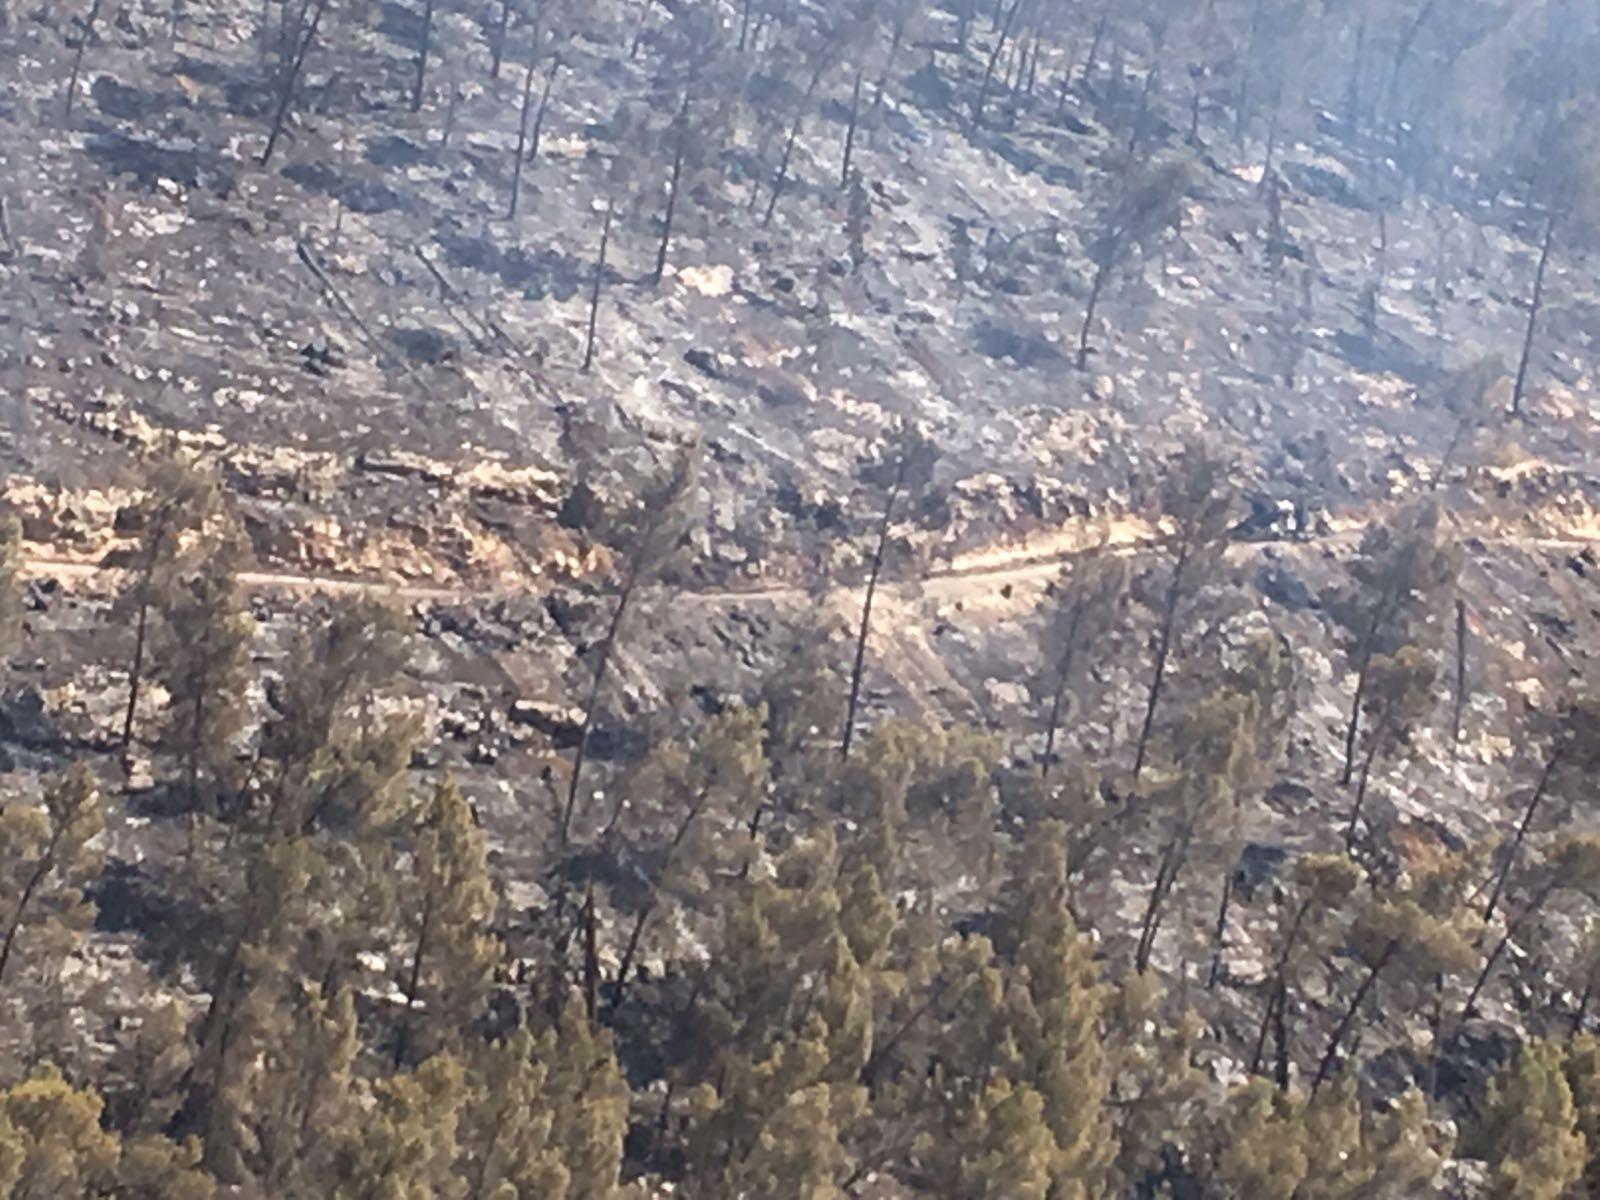 שריפה בסטף (צילום: כבאות והצלה)